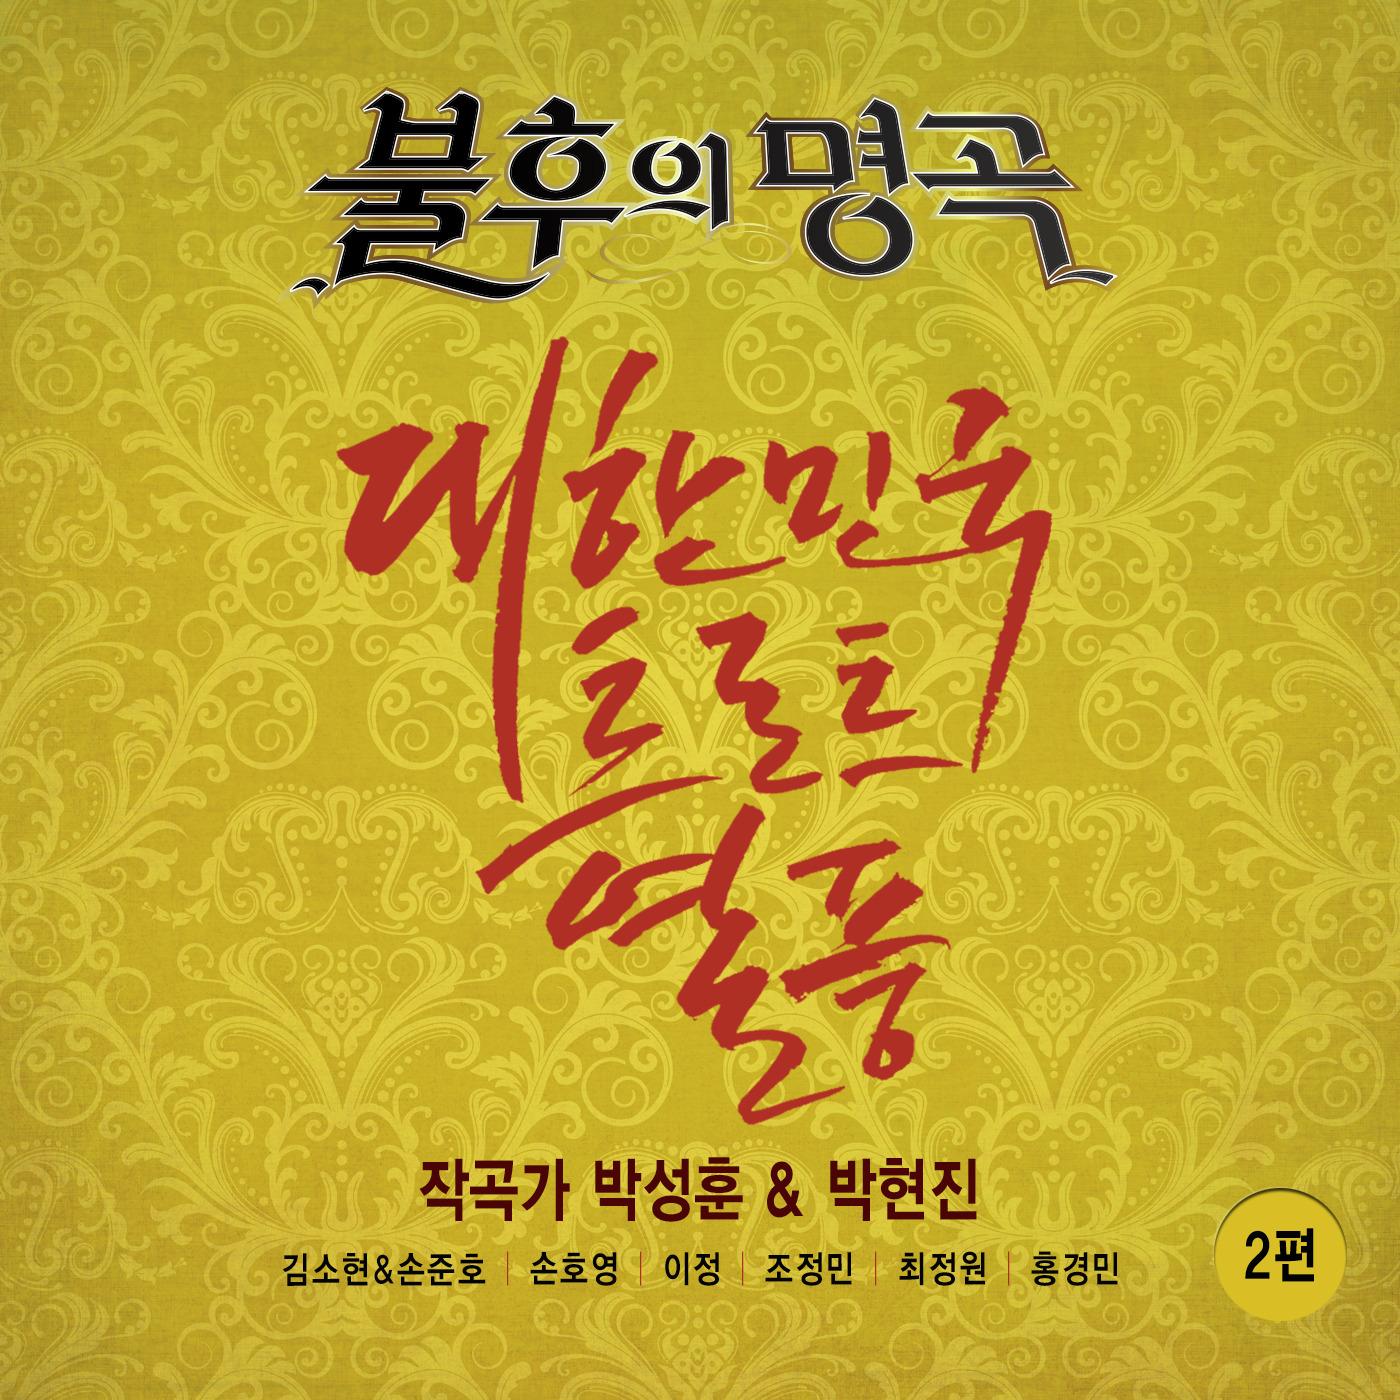 불후의 명곡 – 전설을 노래하다 - 박성훈&박현진 2편 앨범정보